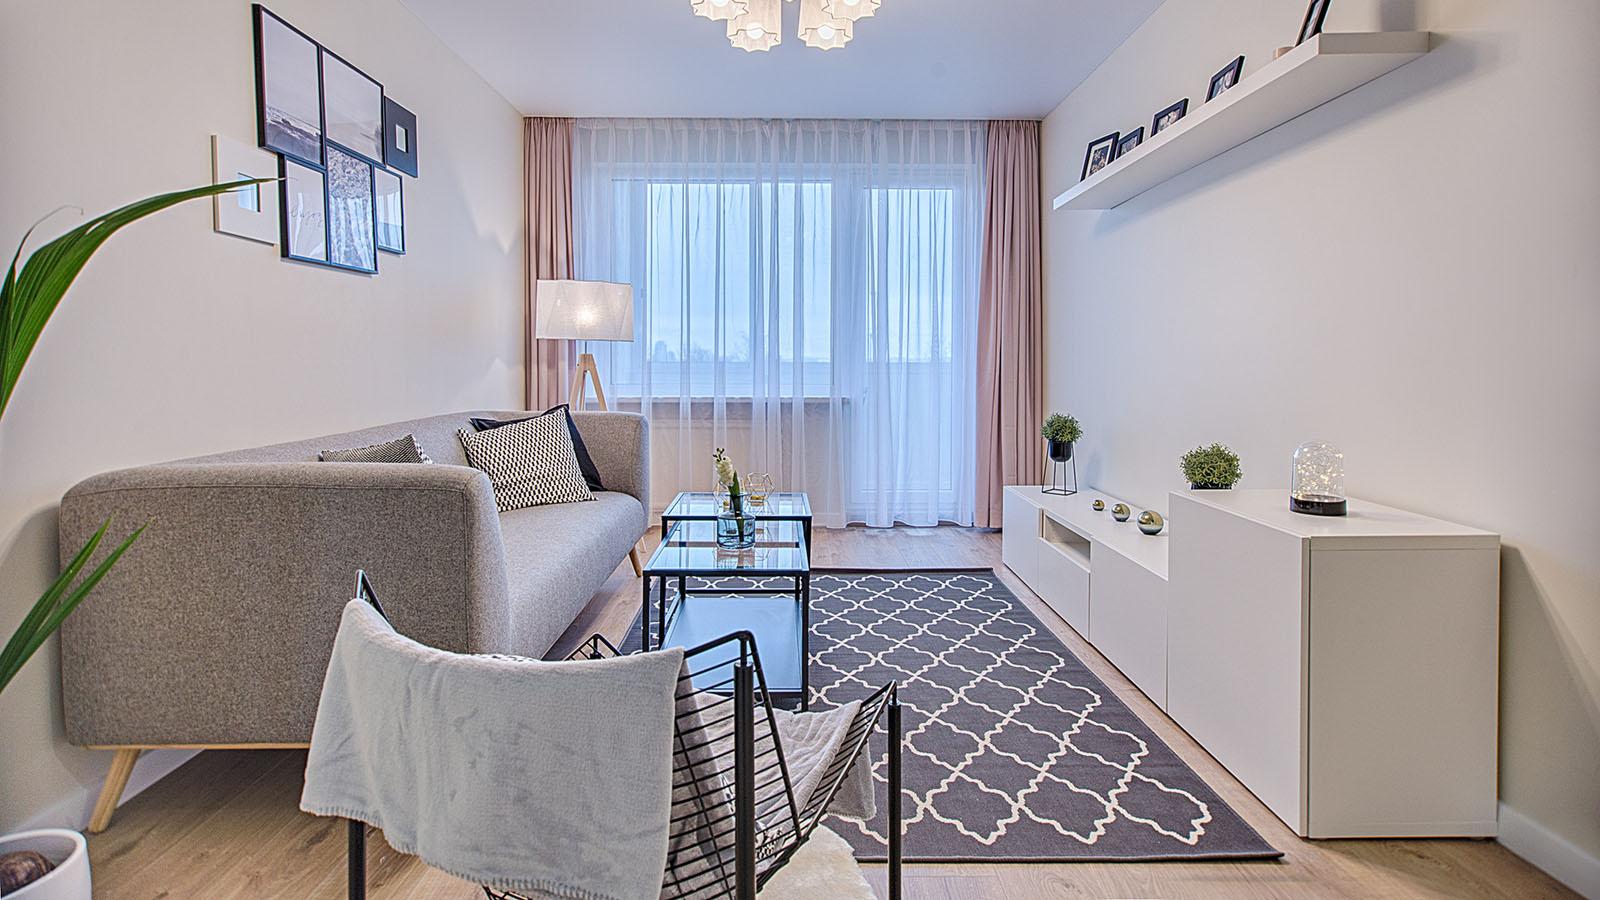 location-de-vacances-appartements-stjeandemonts